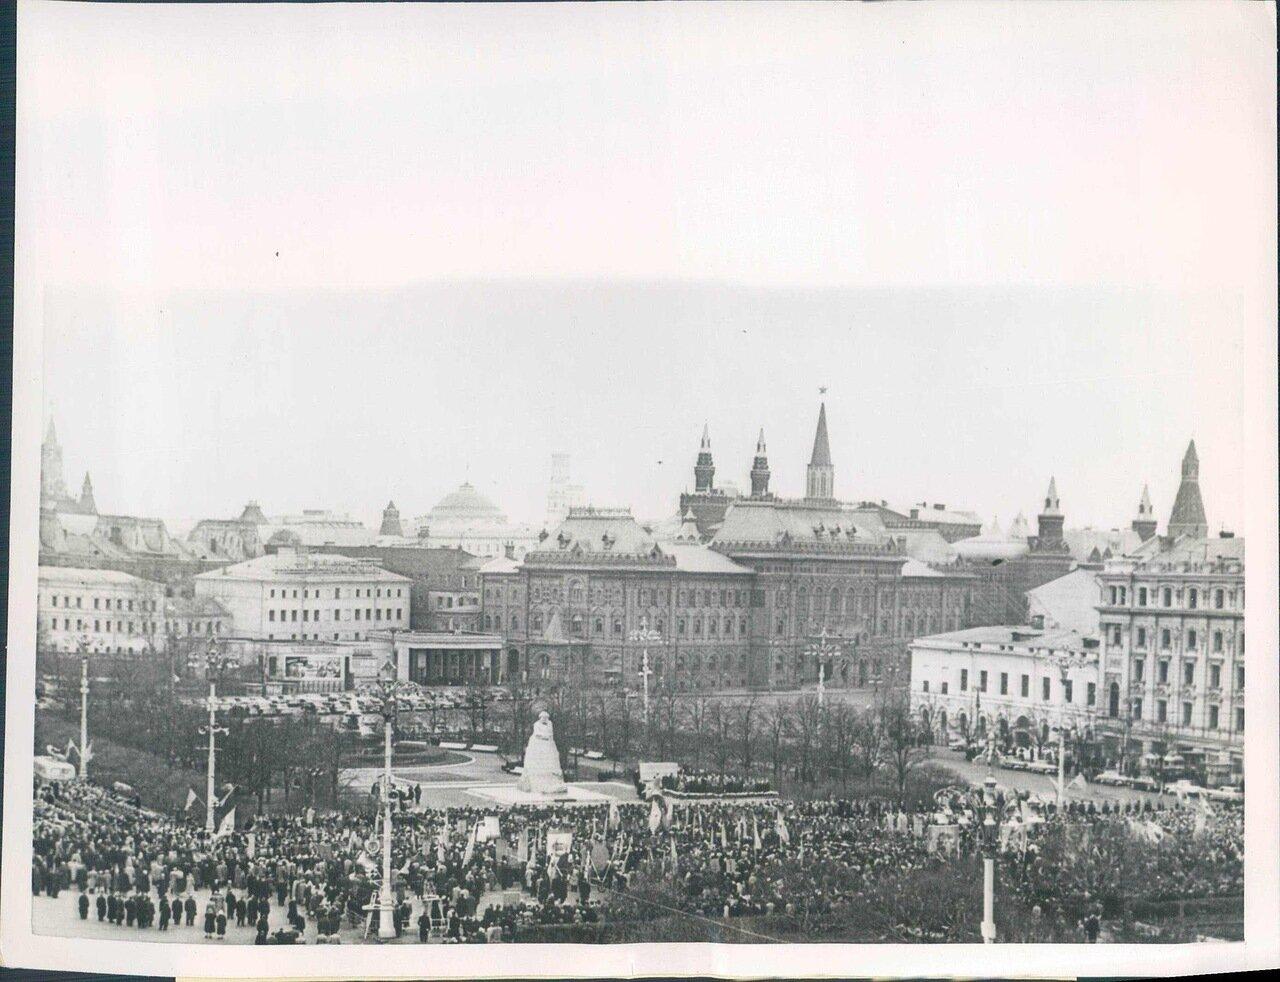 1961. Открытие памятника Карлу Марксу в Москве